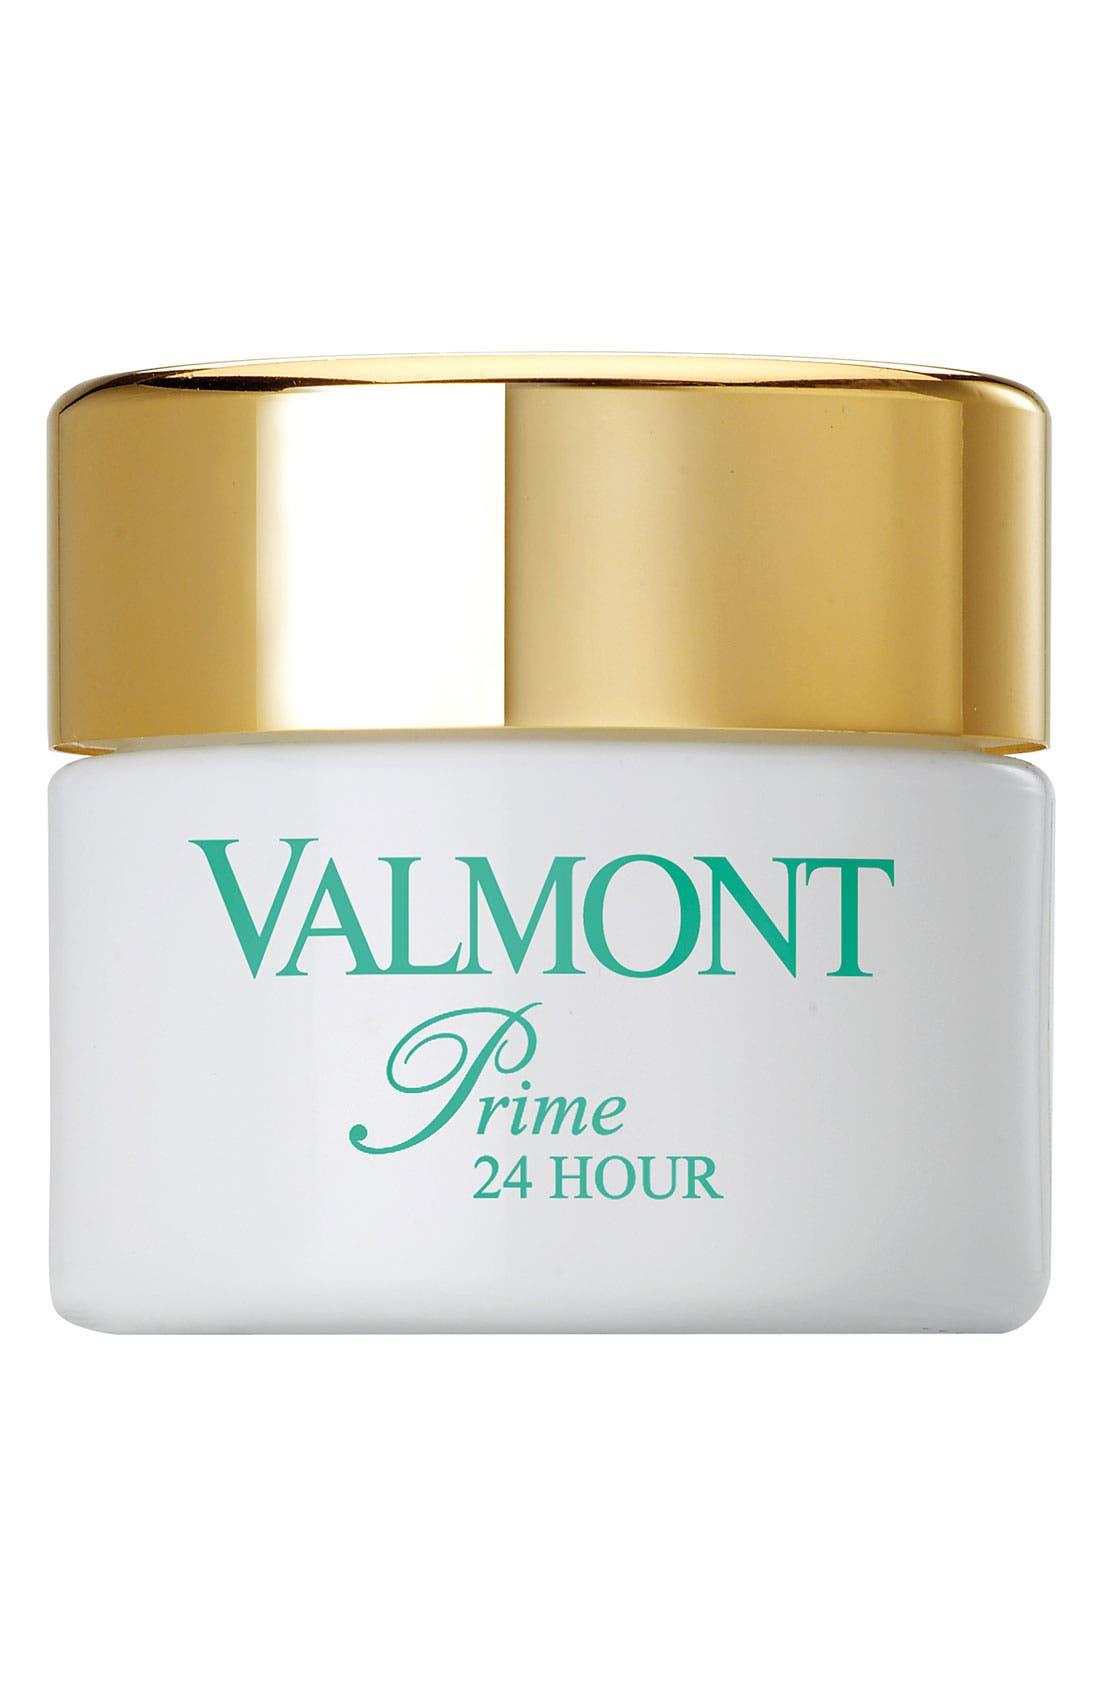 Valmont 'Prime 25 Hour' Anti-Aging Cream